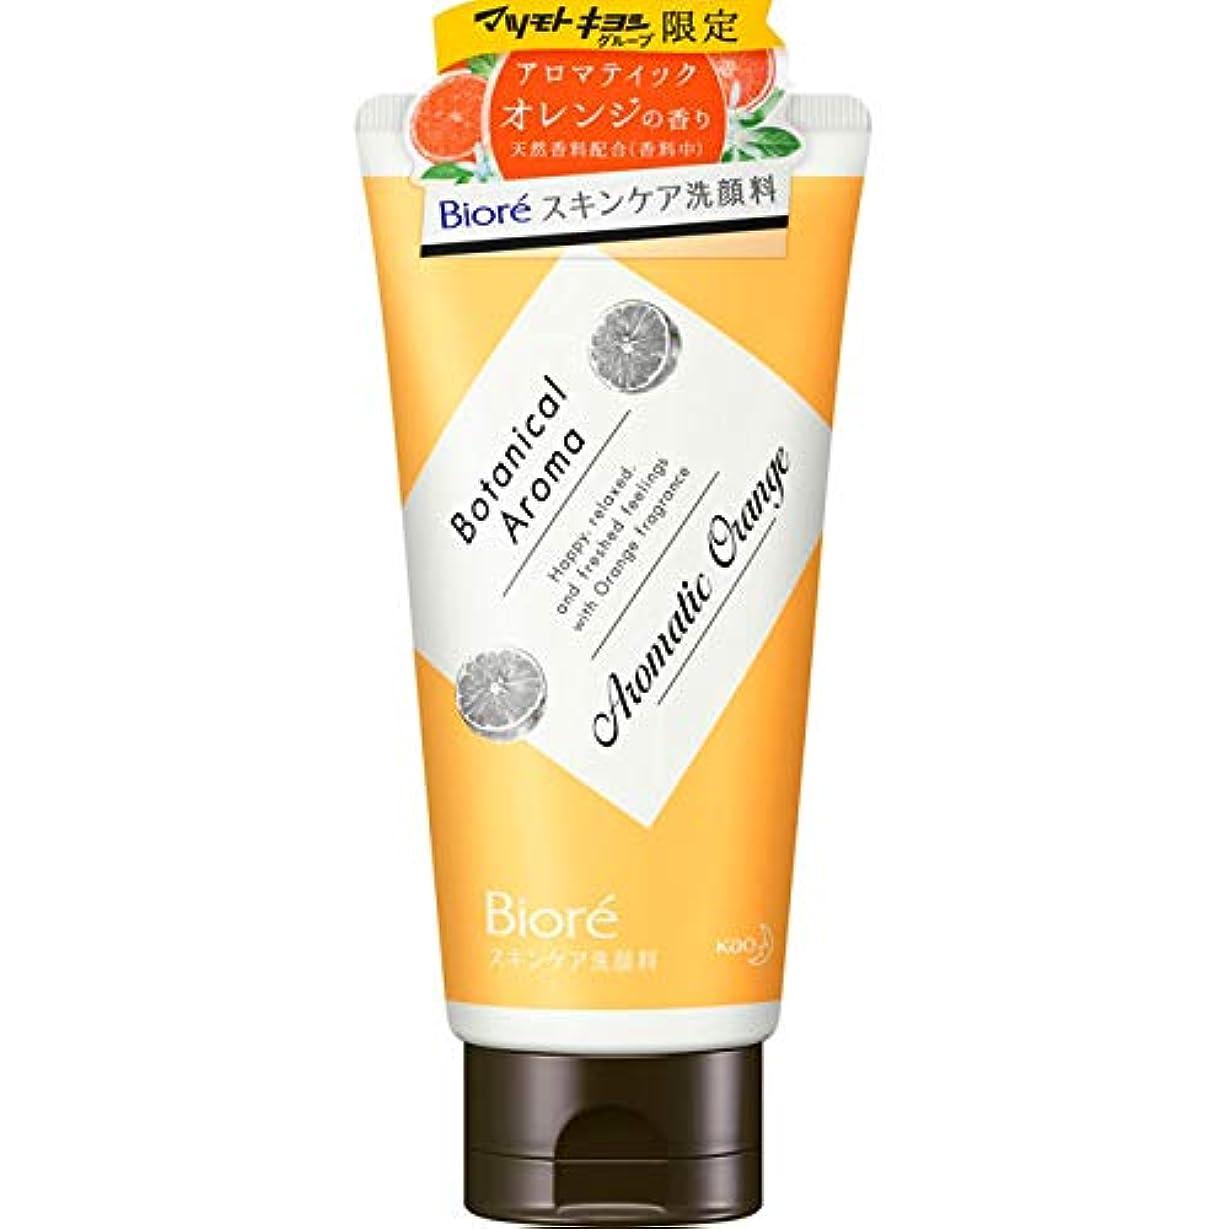 耐えるやさしい成果ビオレ スキンケア洗顔料 アロマティックオレンジの香り 130G